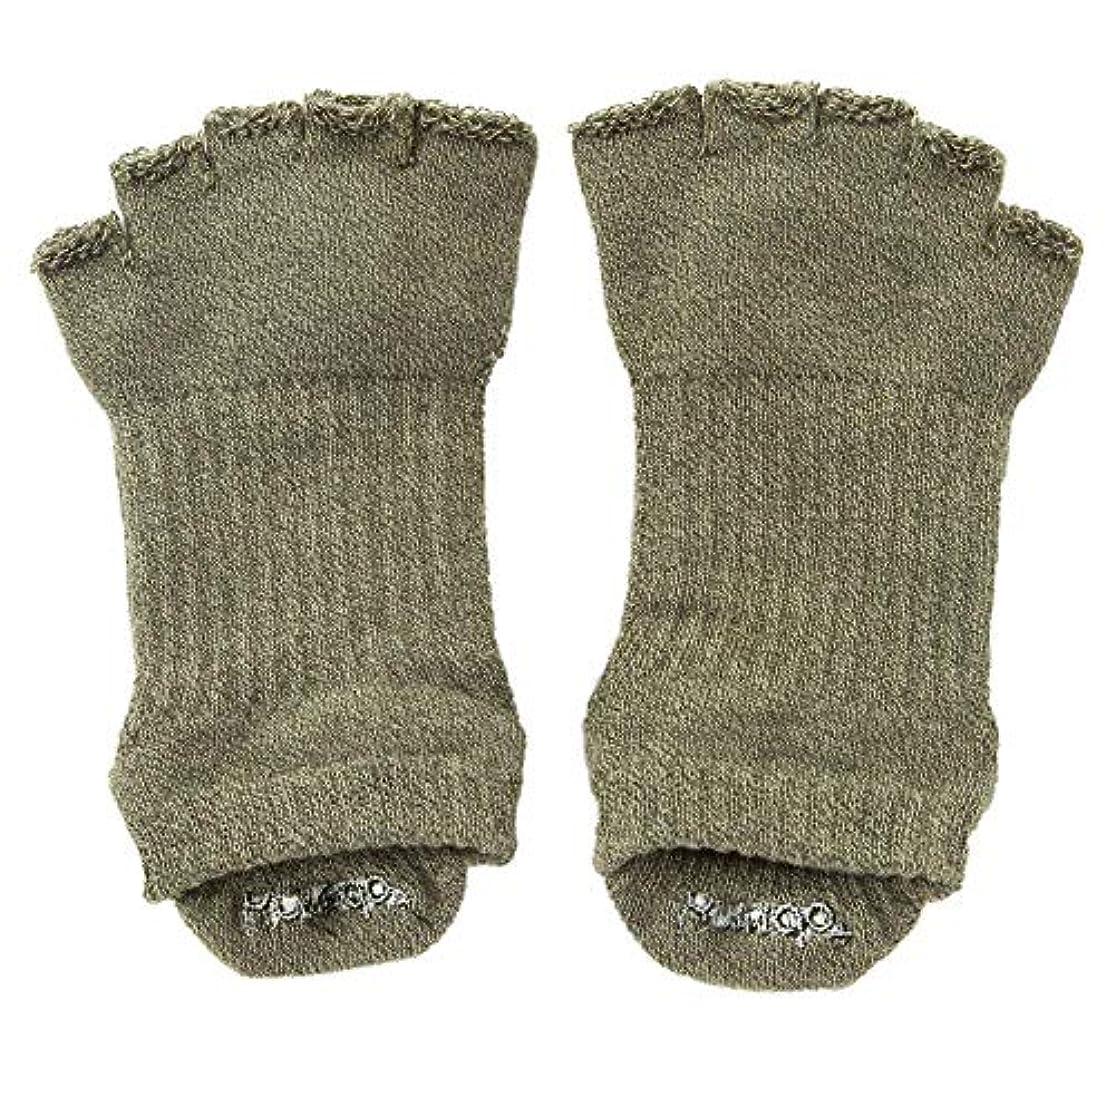 デコレーション不適切な複雑なknitido+(ニッティドプラス)110072 Foot arch 撚杢カラー アンクル指無し(Support Type) 25-27cm ヨガ ピラティス 5本指 ソックス 靴下 日本製 オーガニックコットン